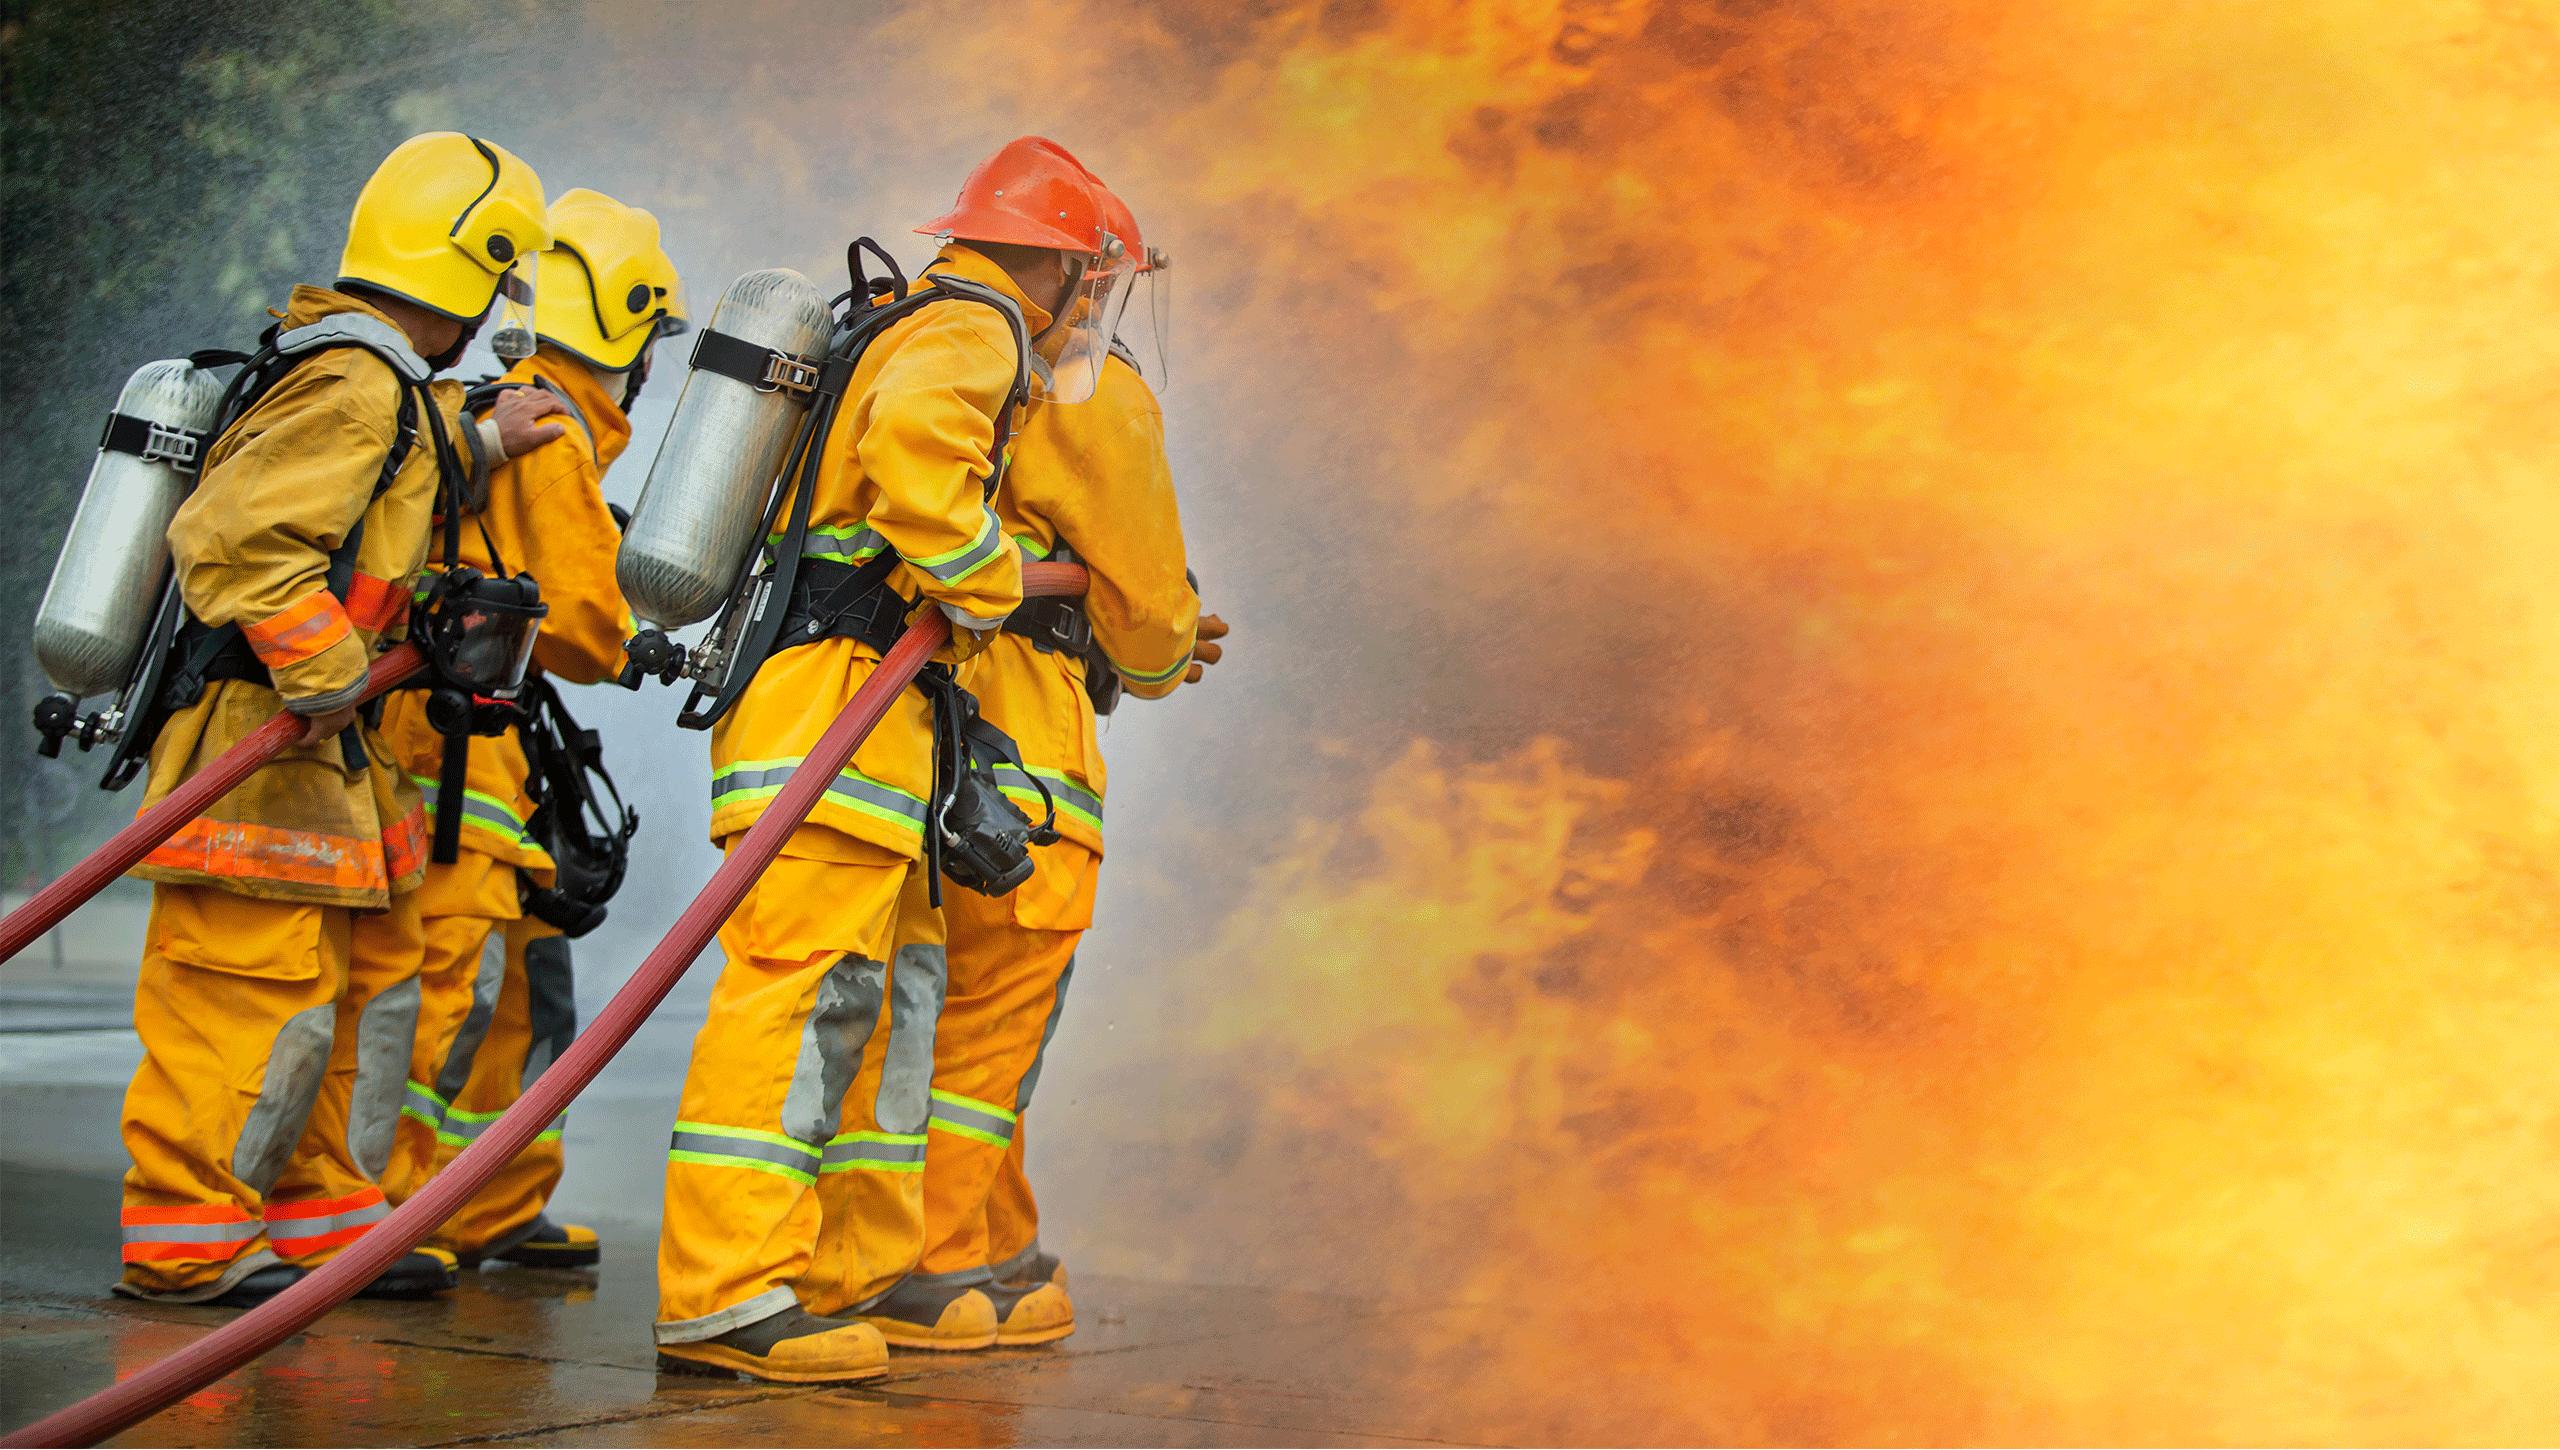 Zbiornik przeciwpożarowy – co warto wiedzieć?